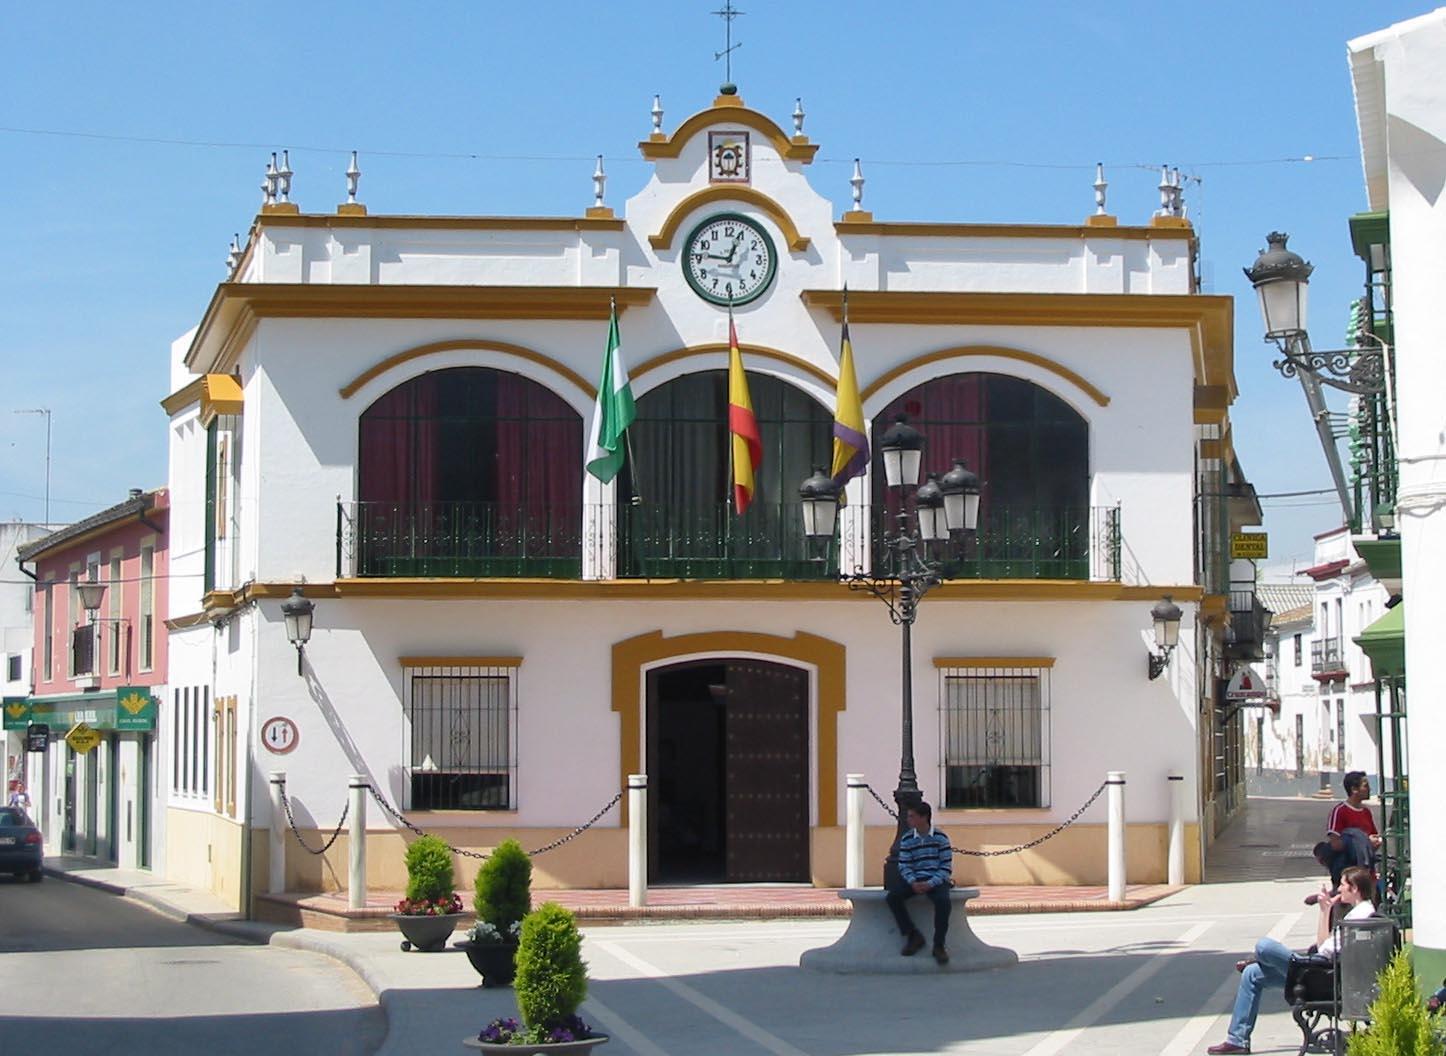 Actualidad jur dica hoy ajh real decreto ley 4 2012 de 24 de febrero pago proveedores - Oficina virtual entidades locales ...